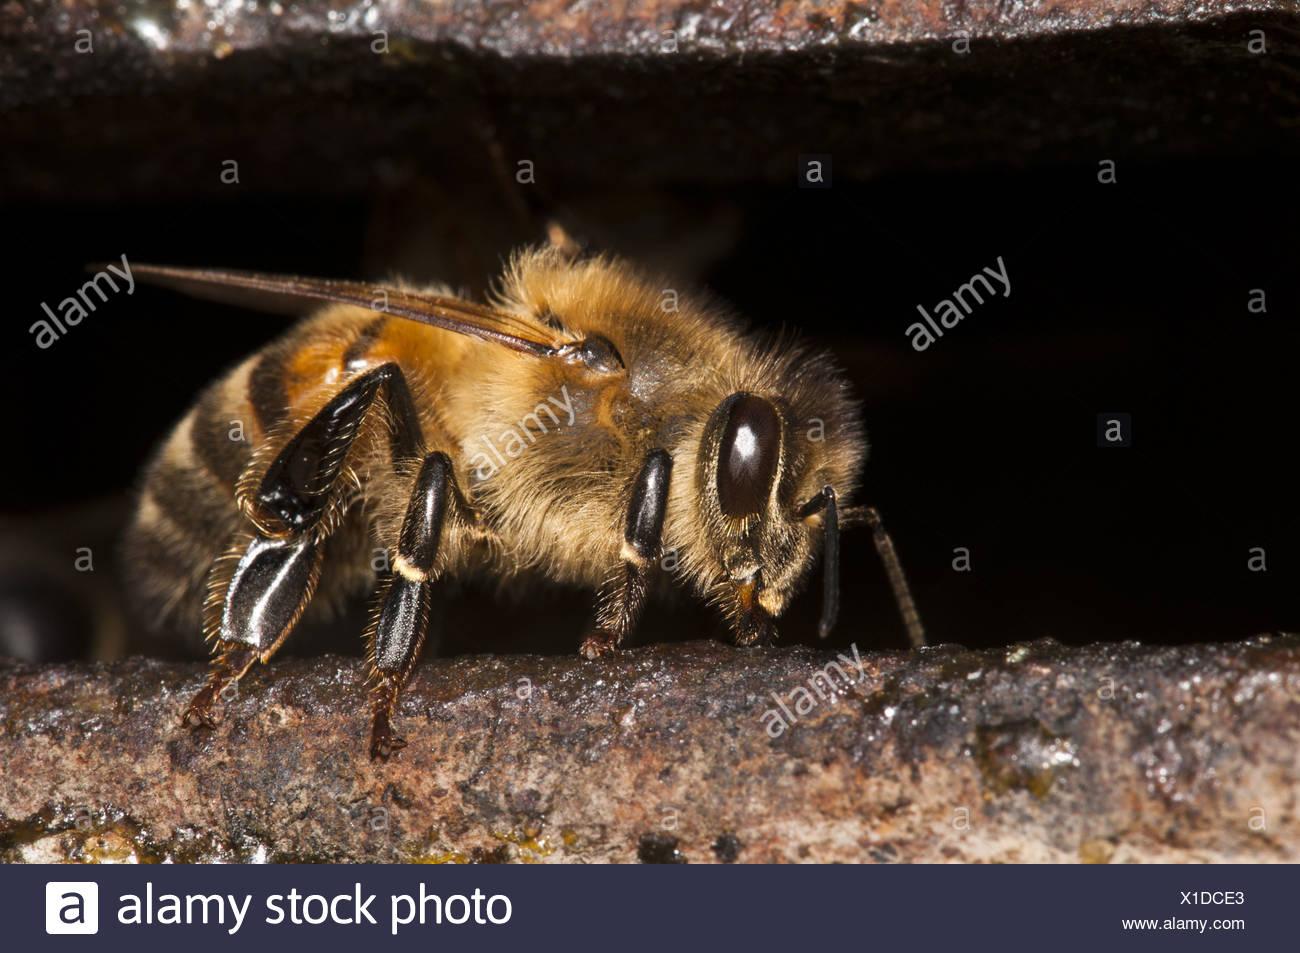 Groß Malvorlagen Für Kinder Mit Honigbienen Bilder - Druckbare ...